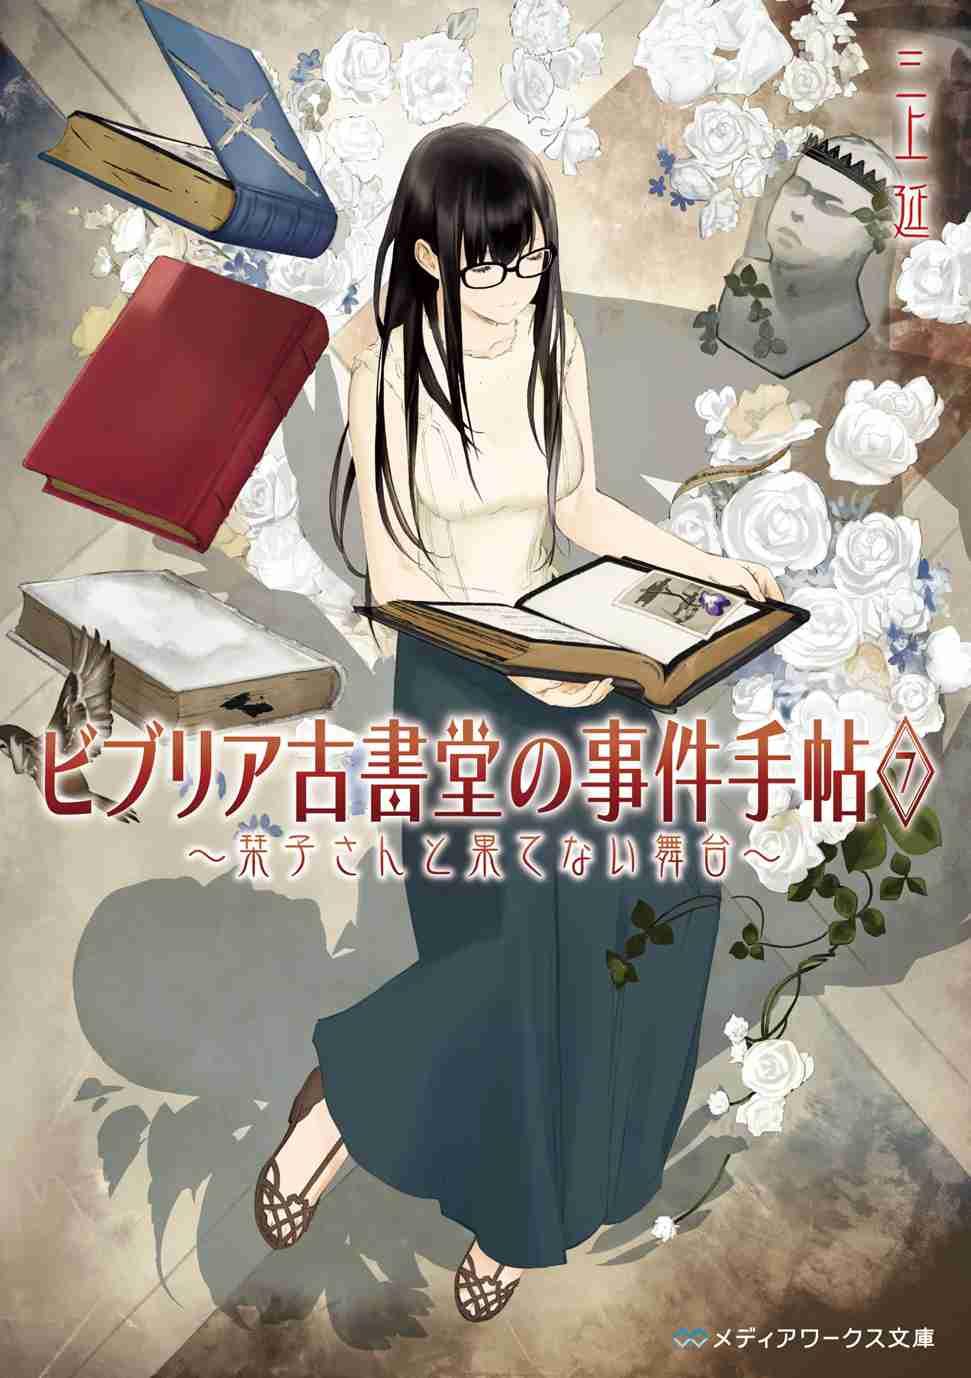 「ビブリア古書堂の事件手帖」実写&アニメ映画化! - シネマトゥデイ